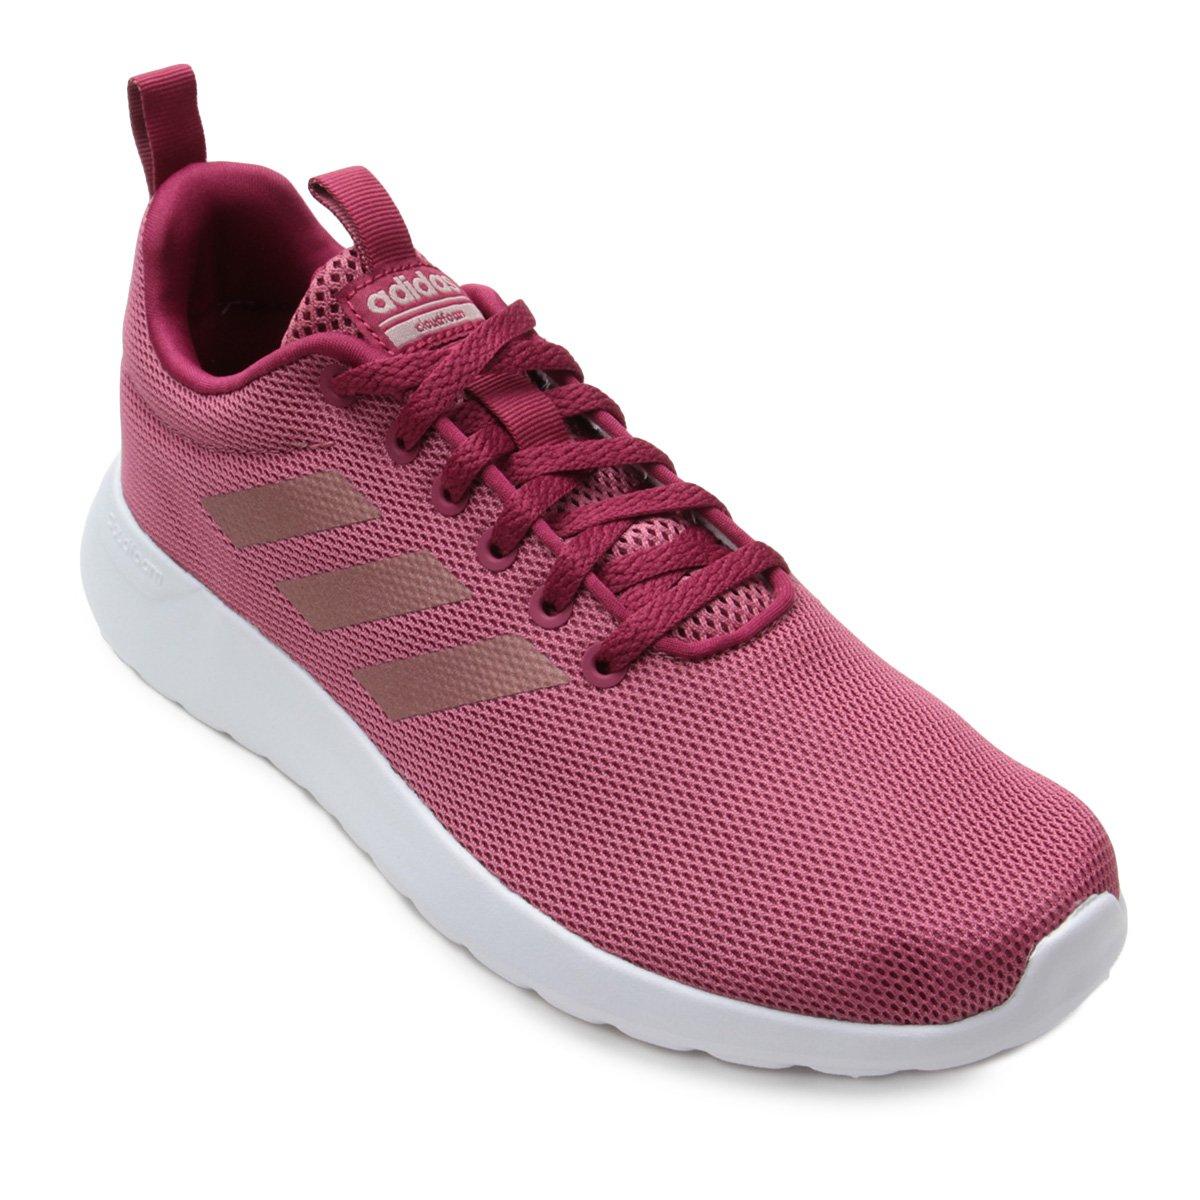 8f6e56e137d Tênis Adidas Lite Racer Cln Feminino - Bordô - Compre Agora